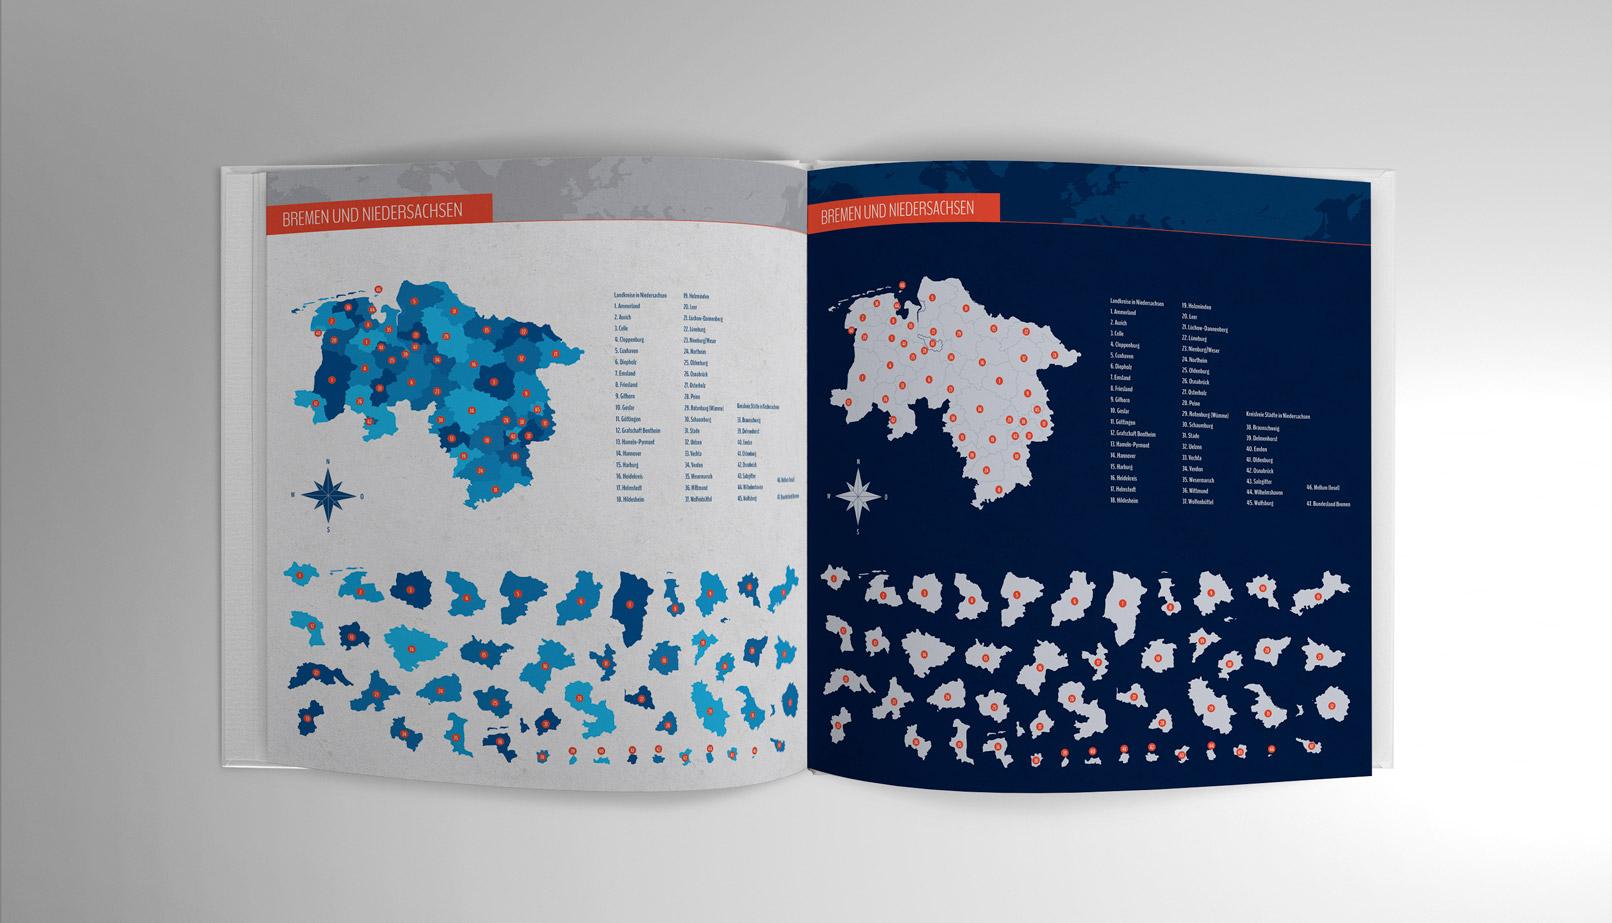 Landkarte von Niedersachsen und Bremen in einer Broschüre